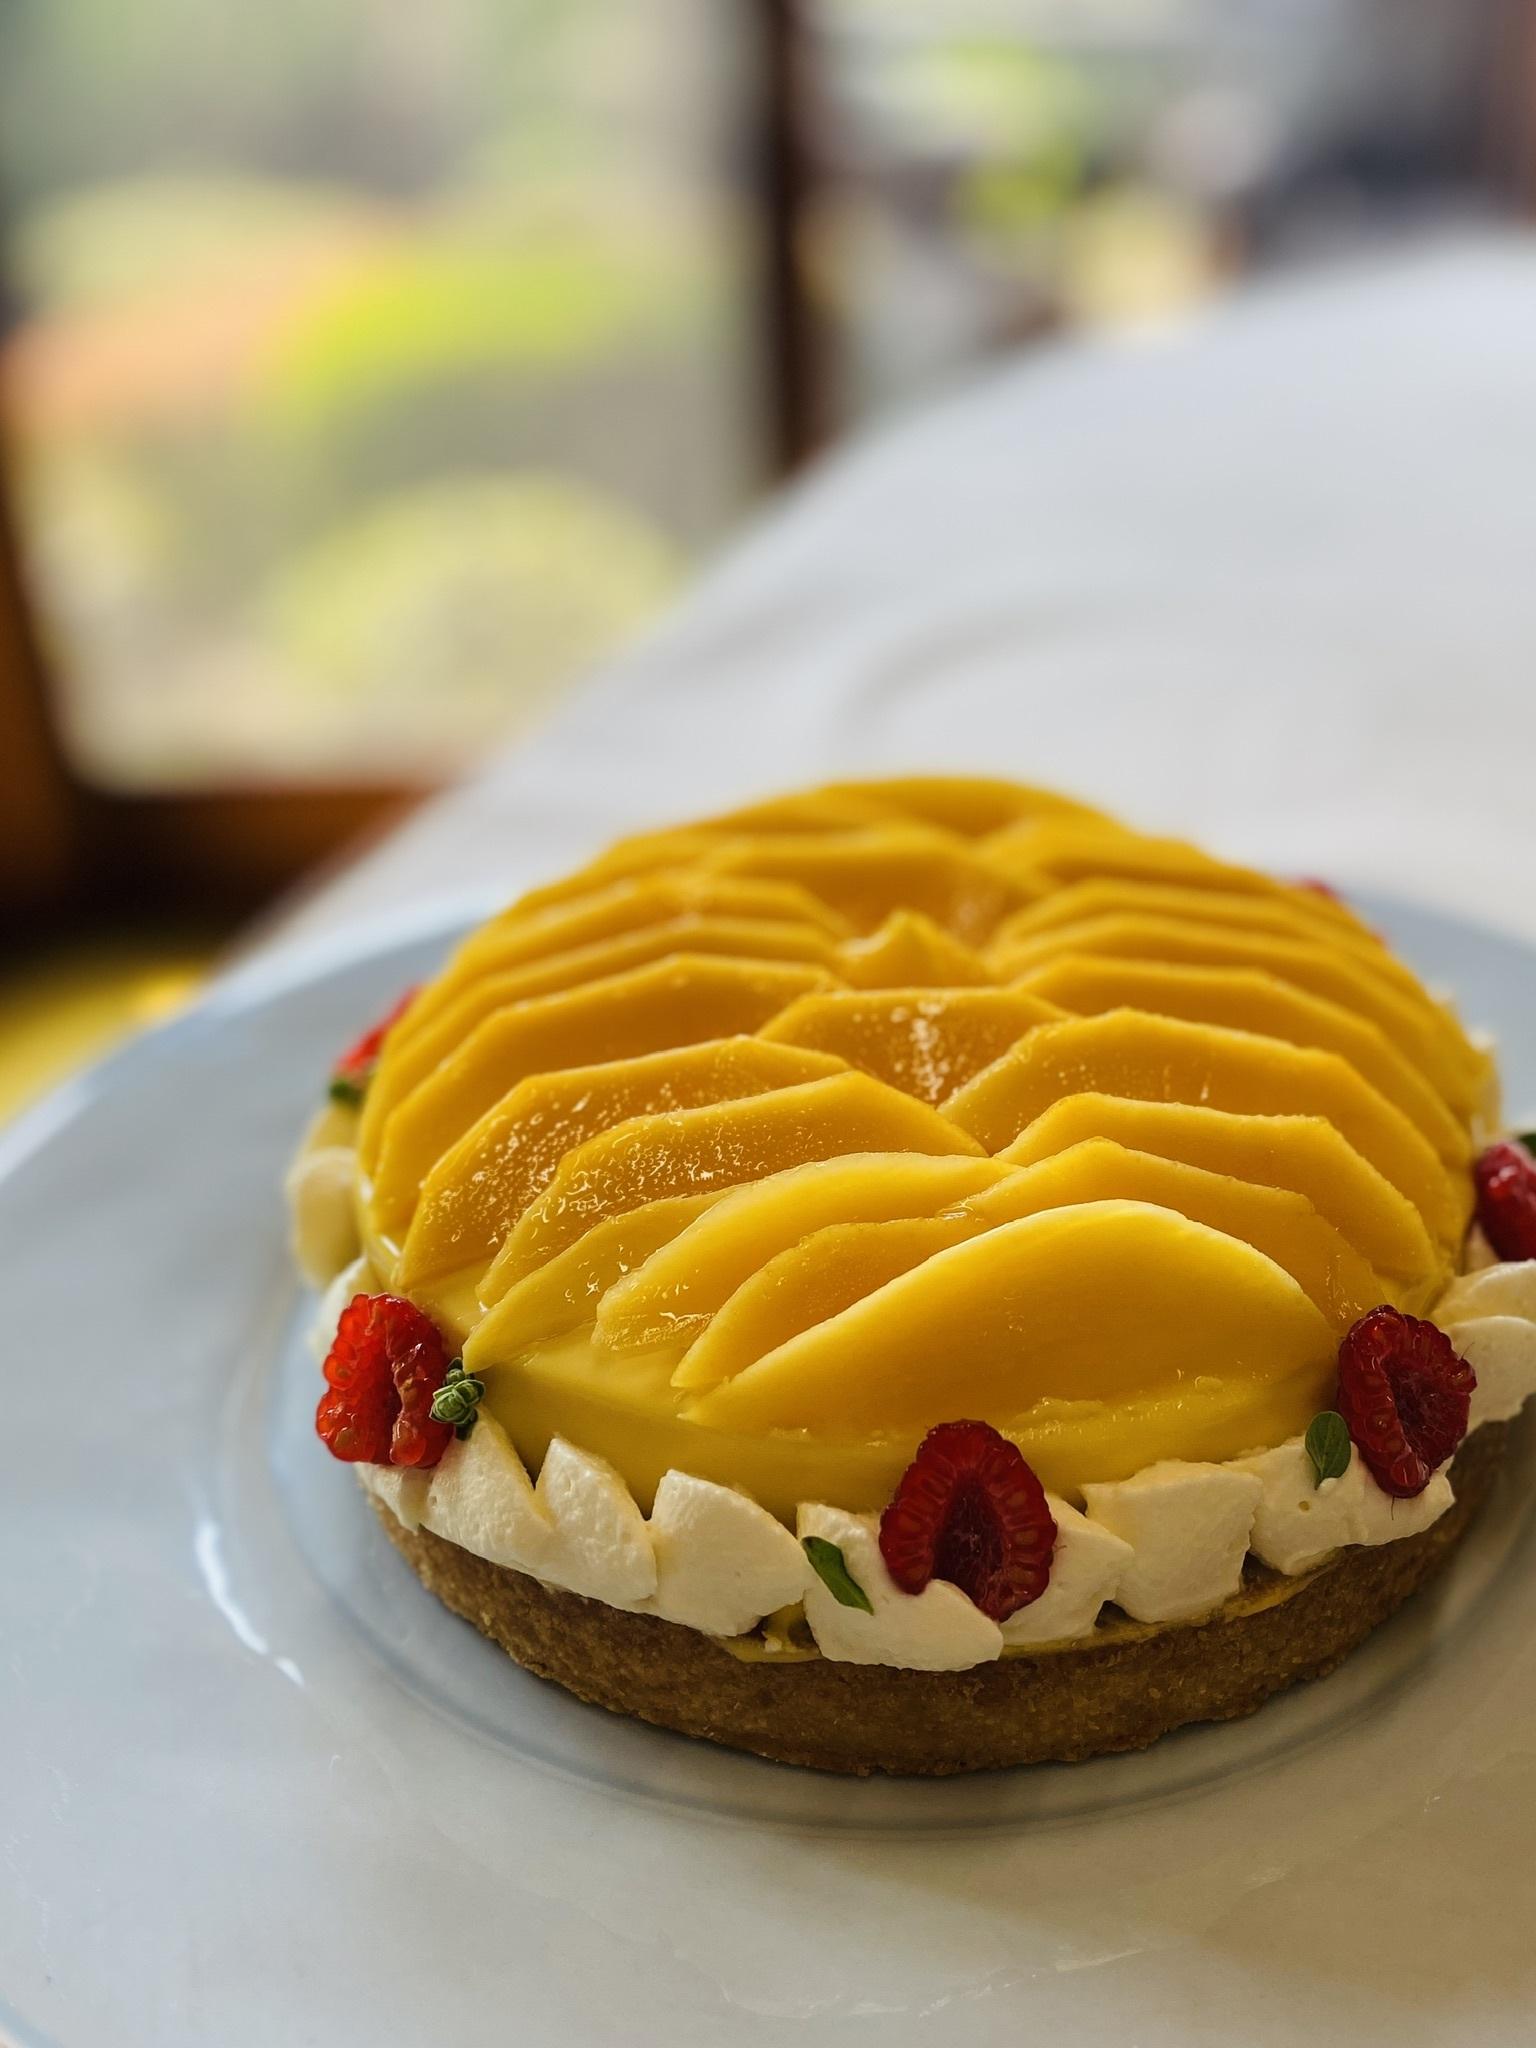 夏のお菓子クラスはマンゴーを_a0160955_16584994.jpeg